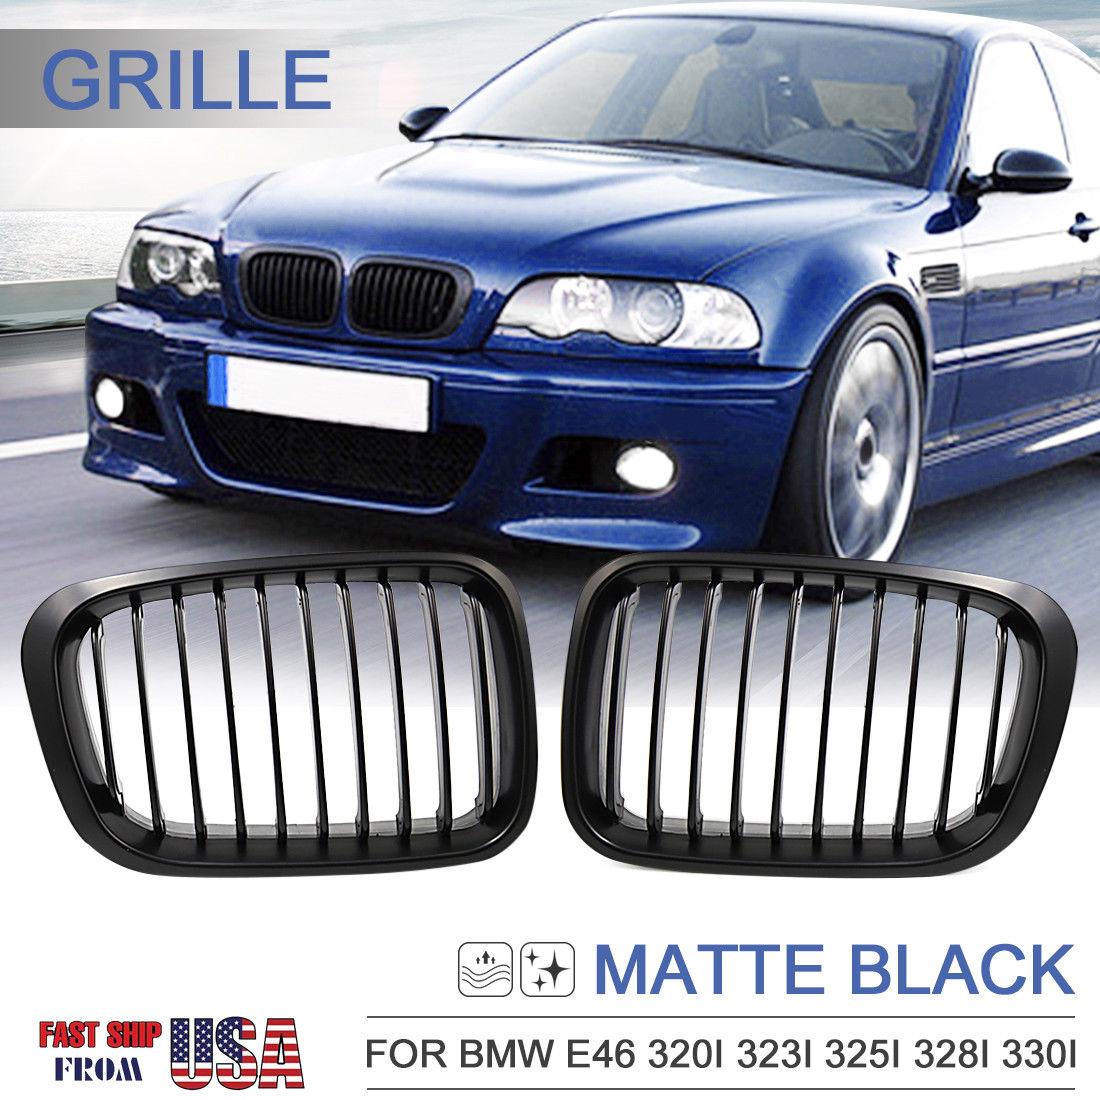 great matte black kidney grille grill for bmw 98 01 e46. Black Bedroom Furniture Sets. Home Design Ideas